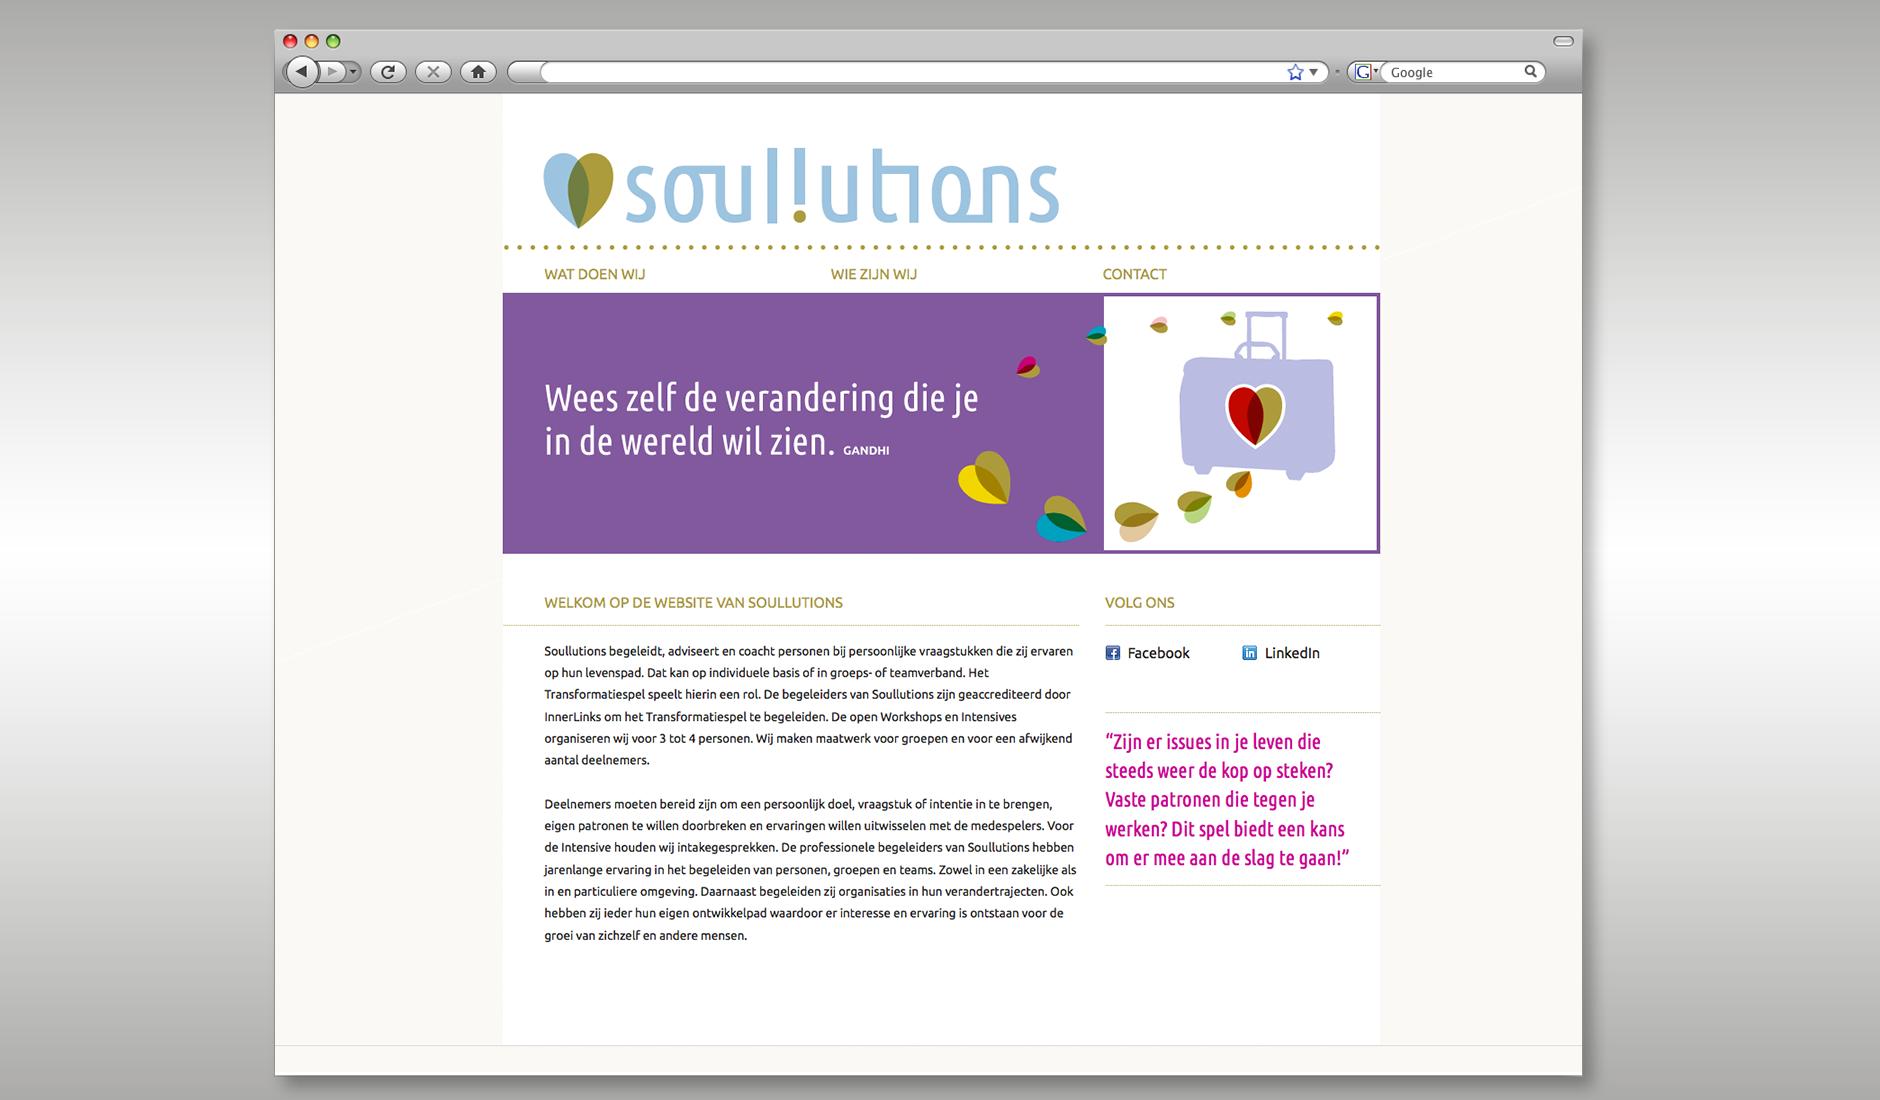 """Ontwerp website Soullutions, met illustratie van een koffer en een quote """"Wees zelf de verandering die je in de wereld wil zien - Gandhi""""."""